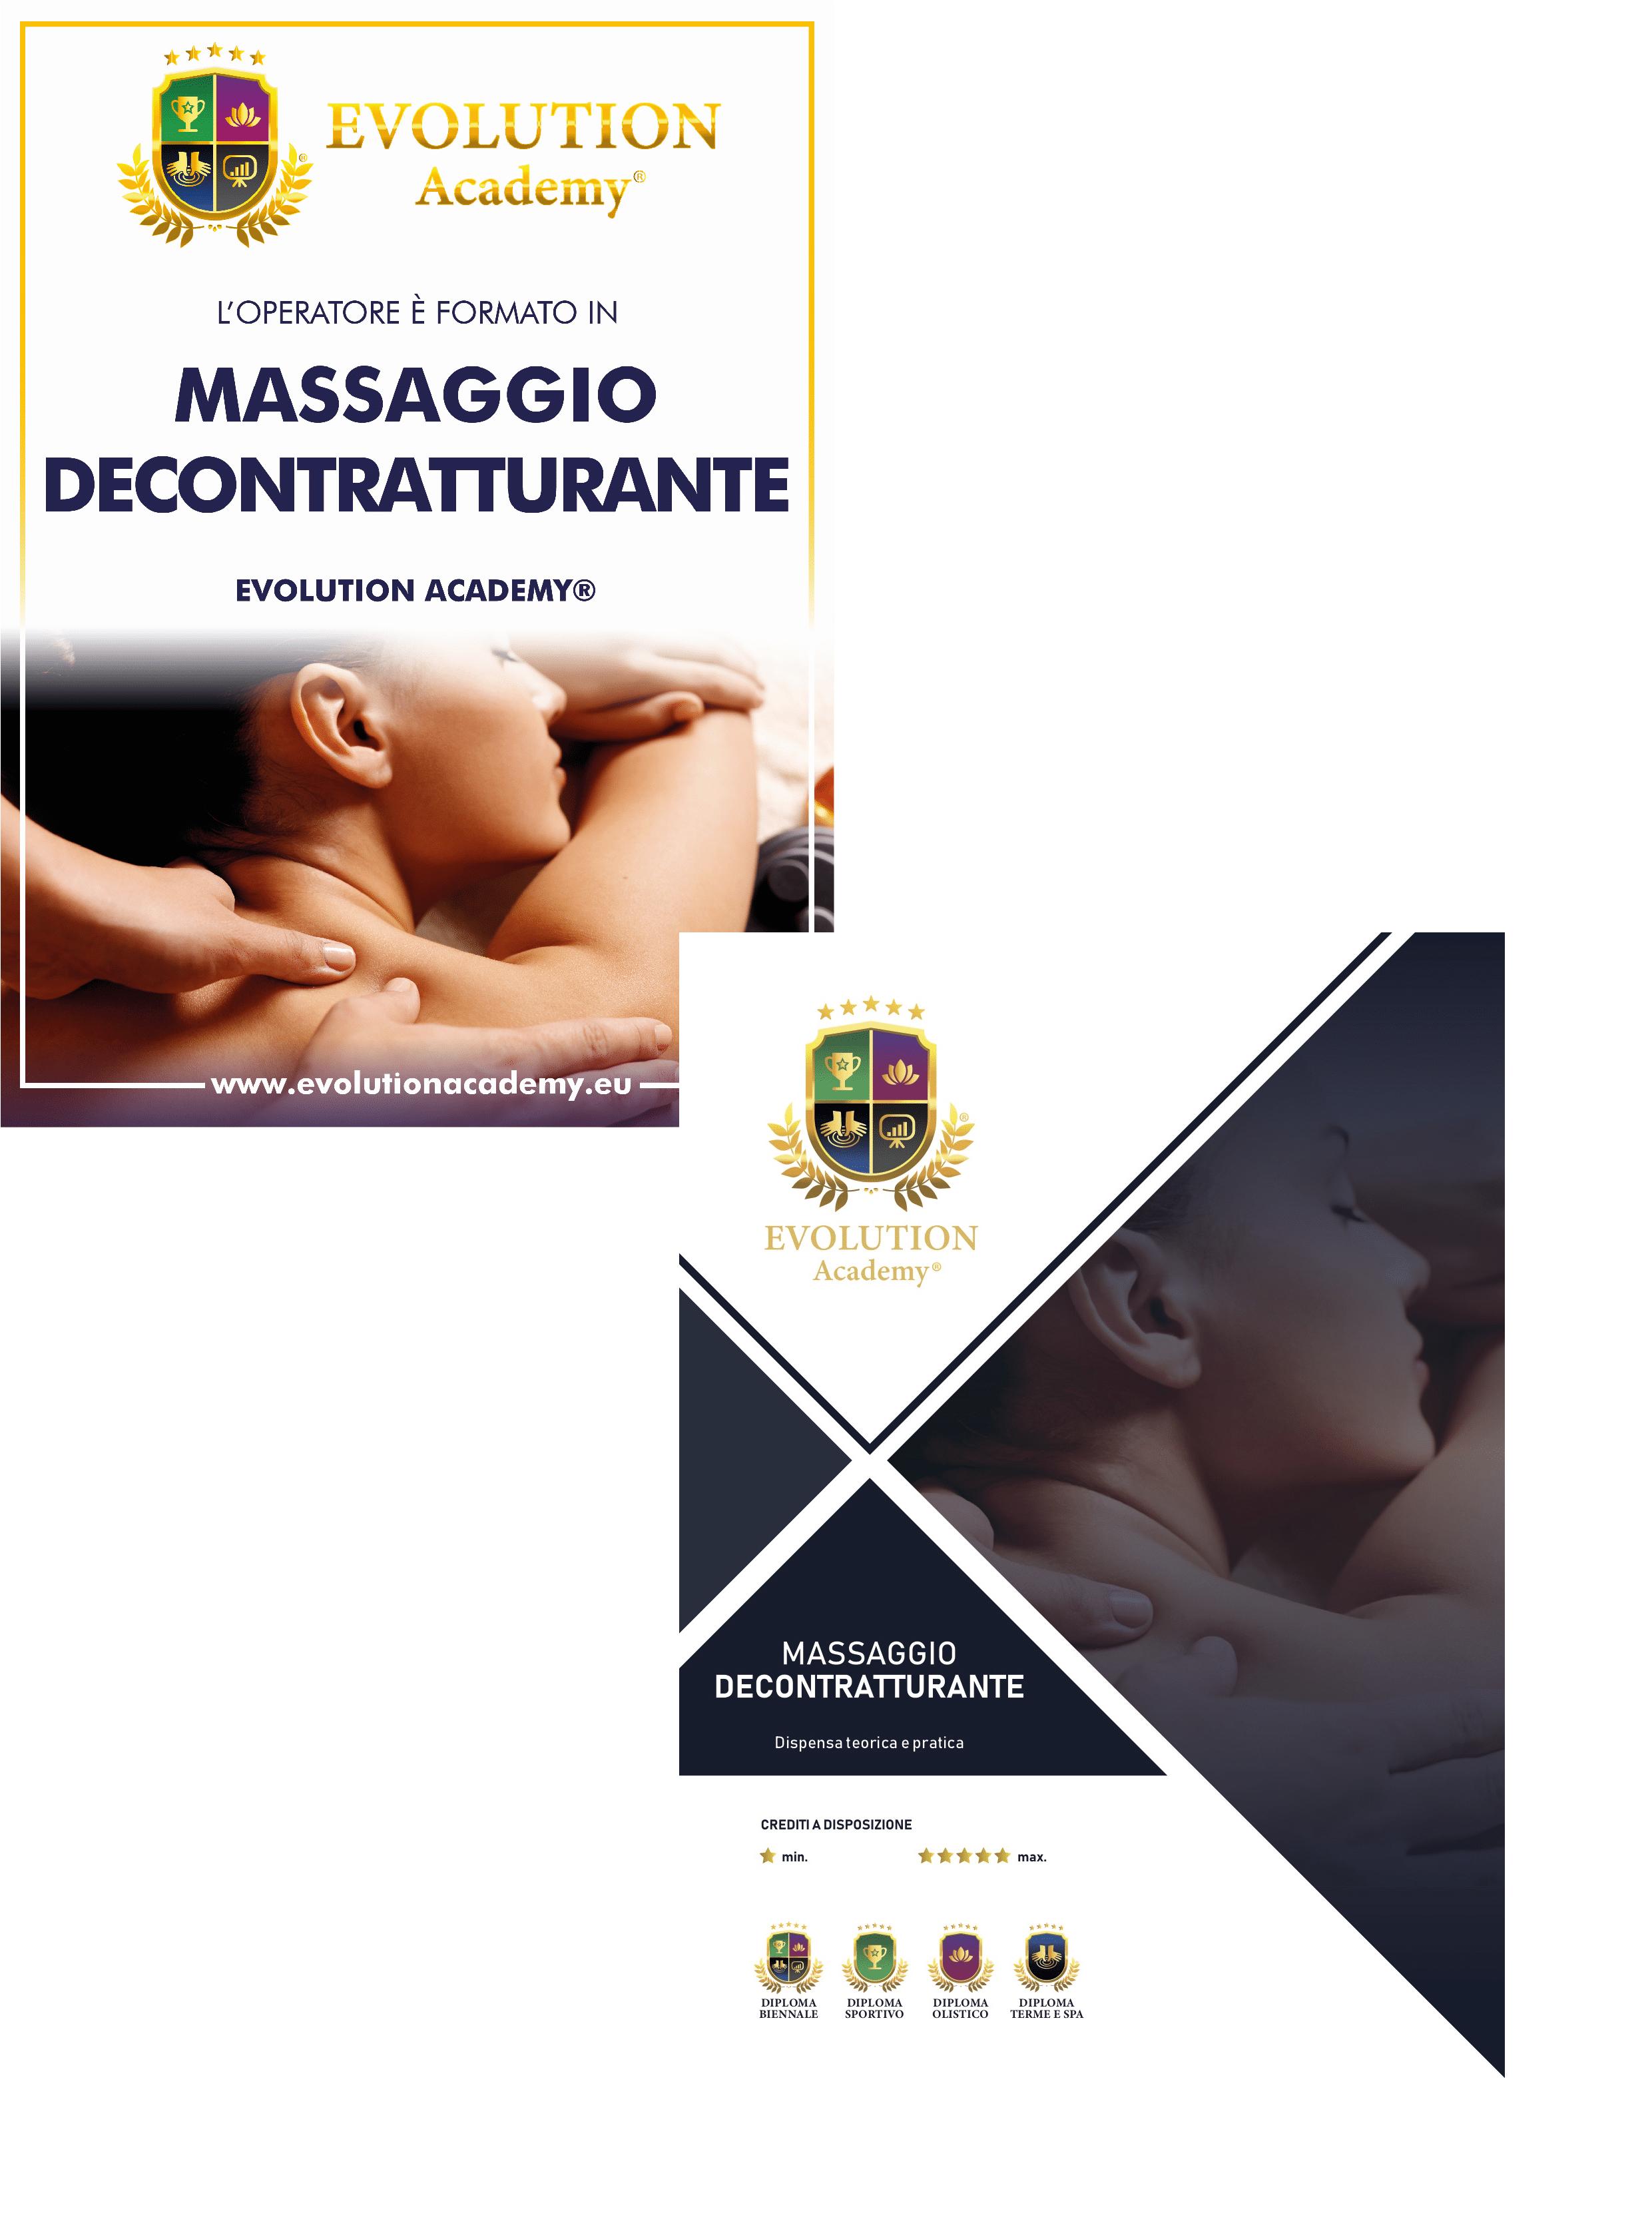 Materiale didattico fornito al corso di massaggio decontratturante